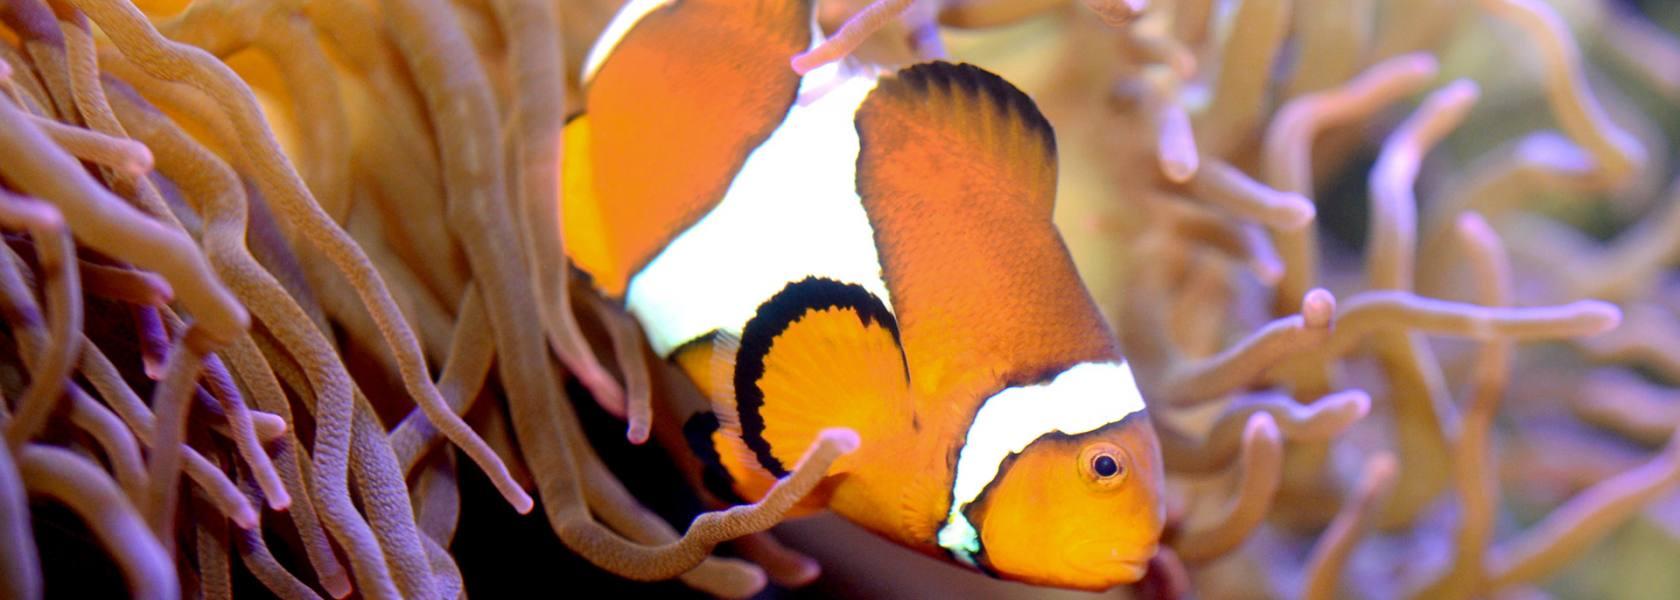 Aquarium in Wilhelmshaven, © Aquarium Wilhelmshaven Bullermeck GmbH